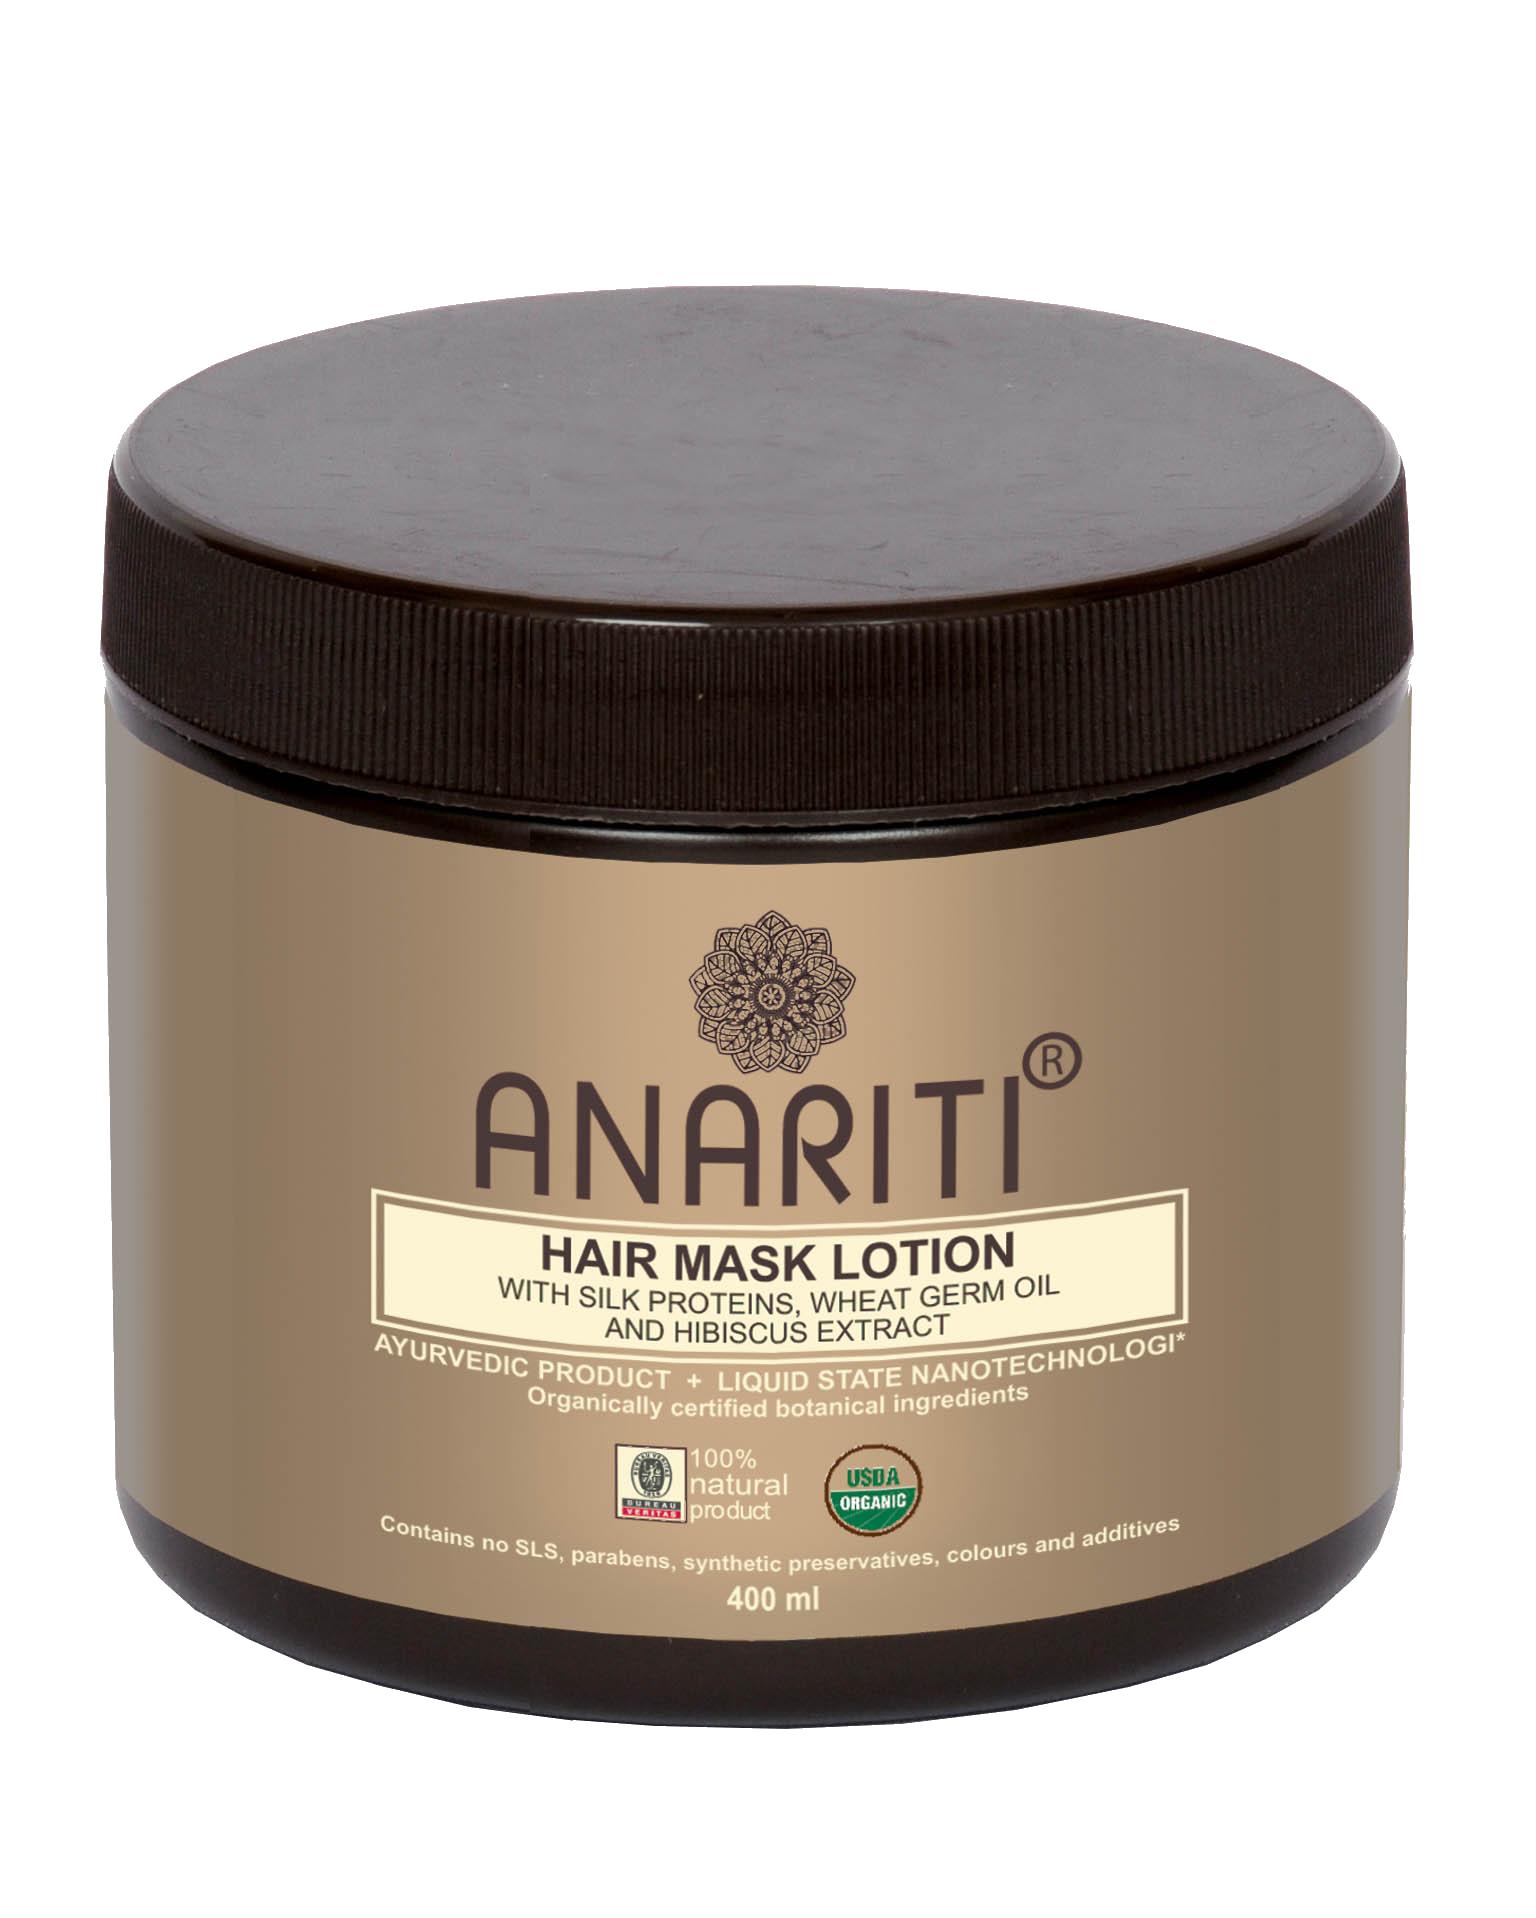 ANARITI Маска-лосьон для волос с протеинами шелка, маслом зародышей пшеницы и экстрактом гибискуса 400 мл